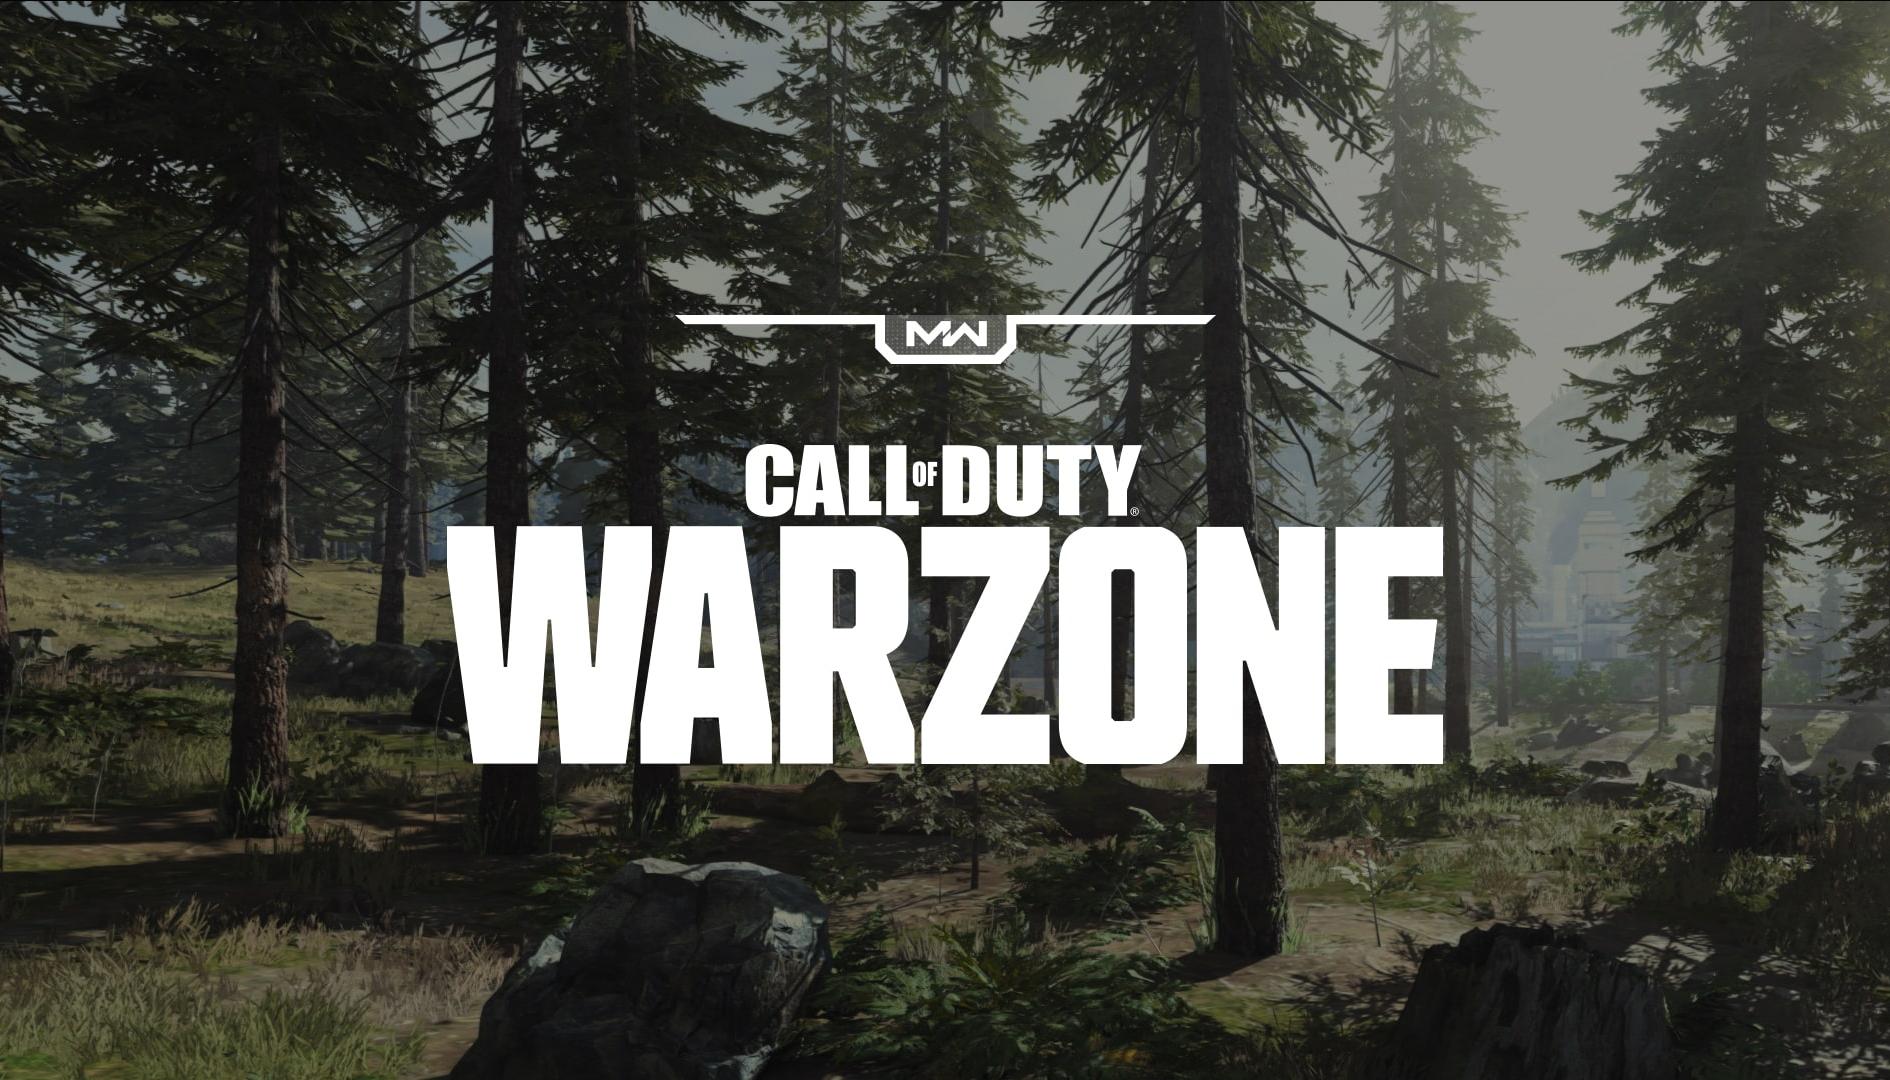 Call of Duty Warzone: arrivano i 120 FPS su PS5, ma ad un costo